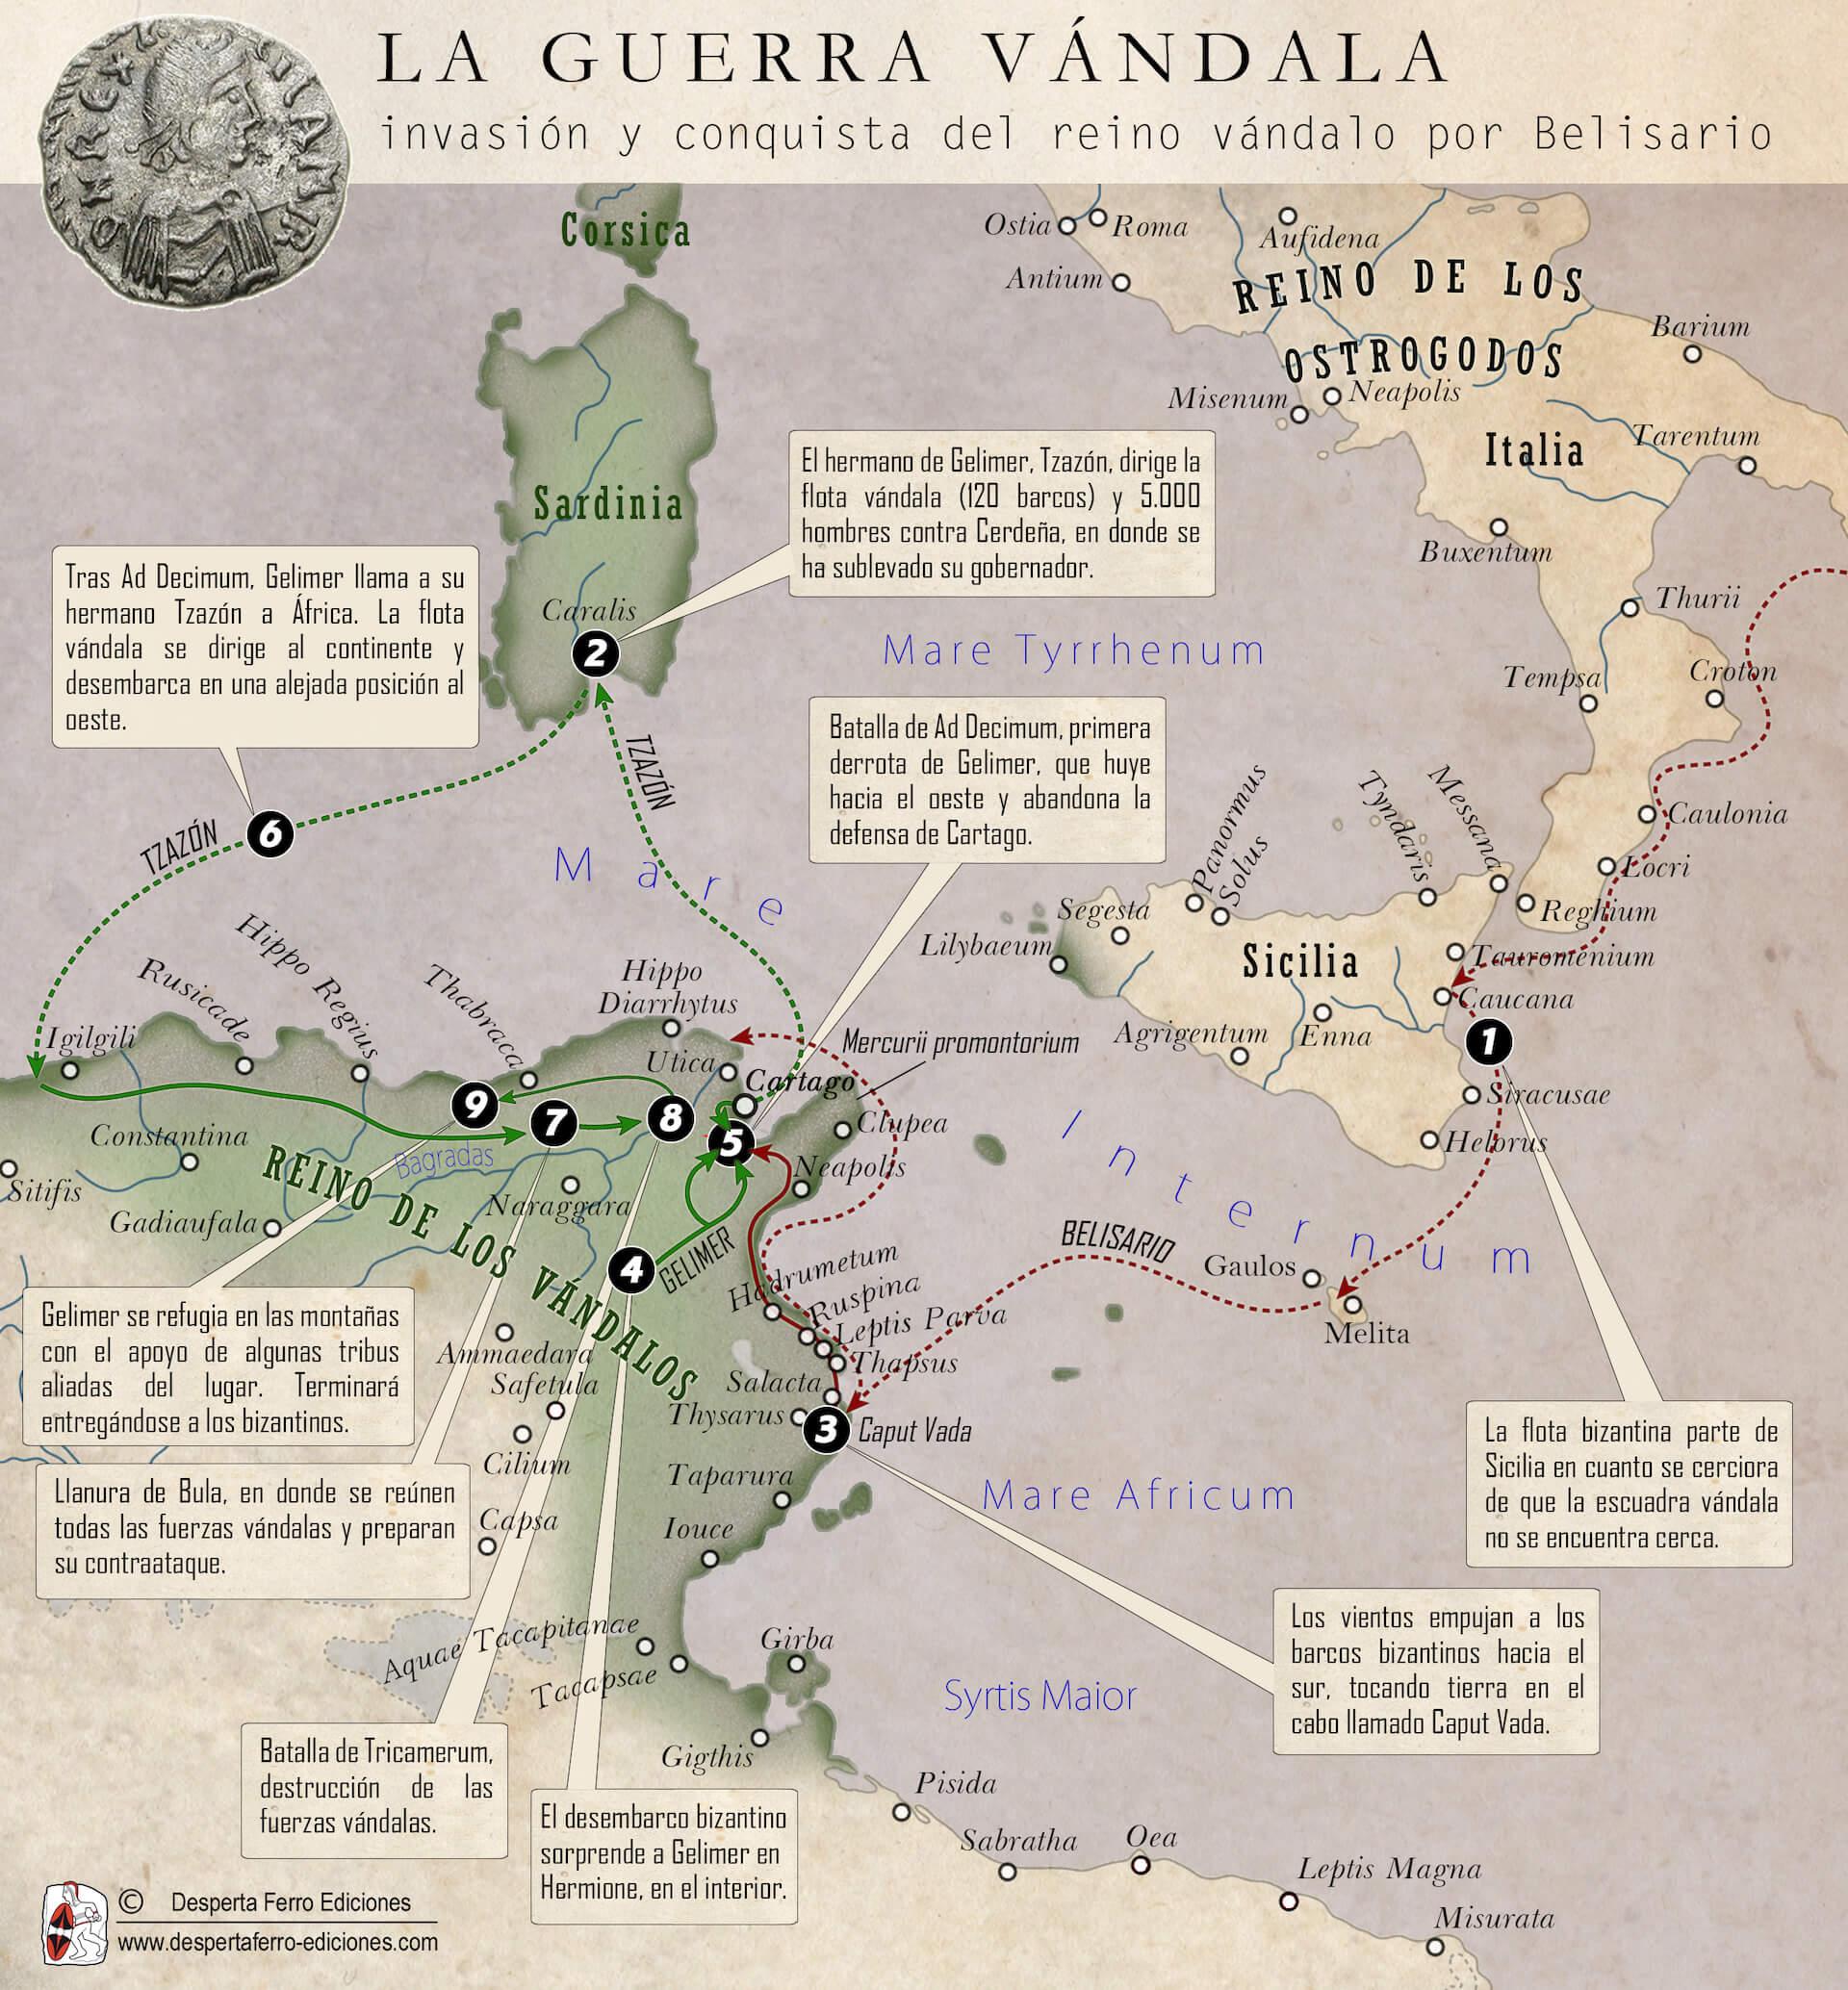 mapa conquista reino vándalo belisario Ad Decimum